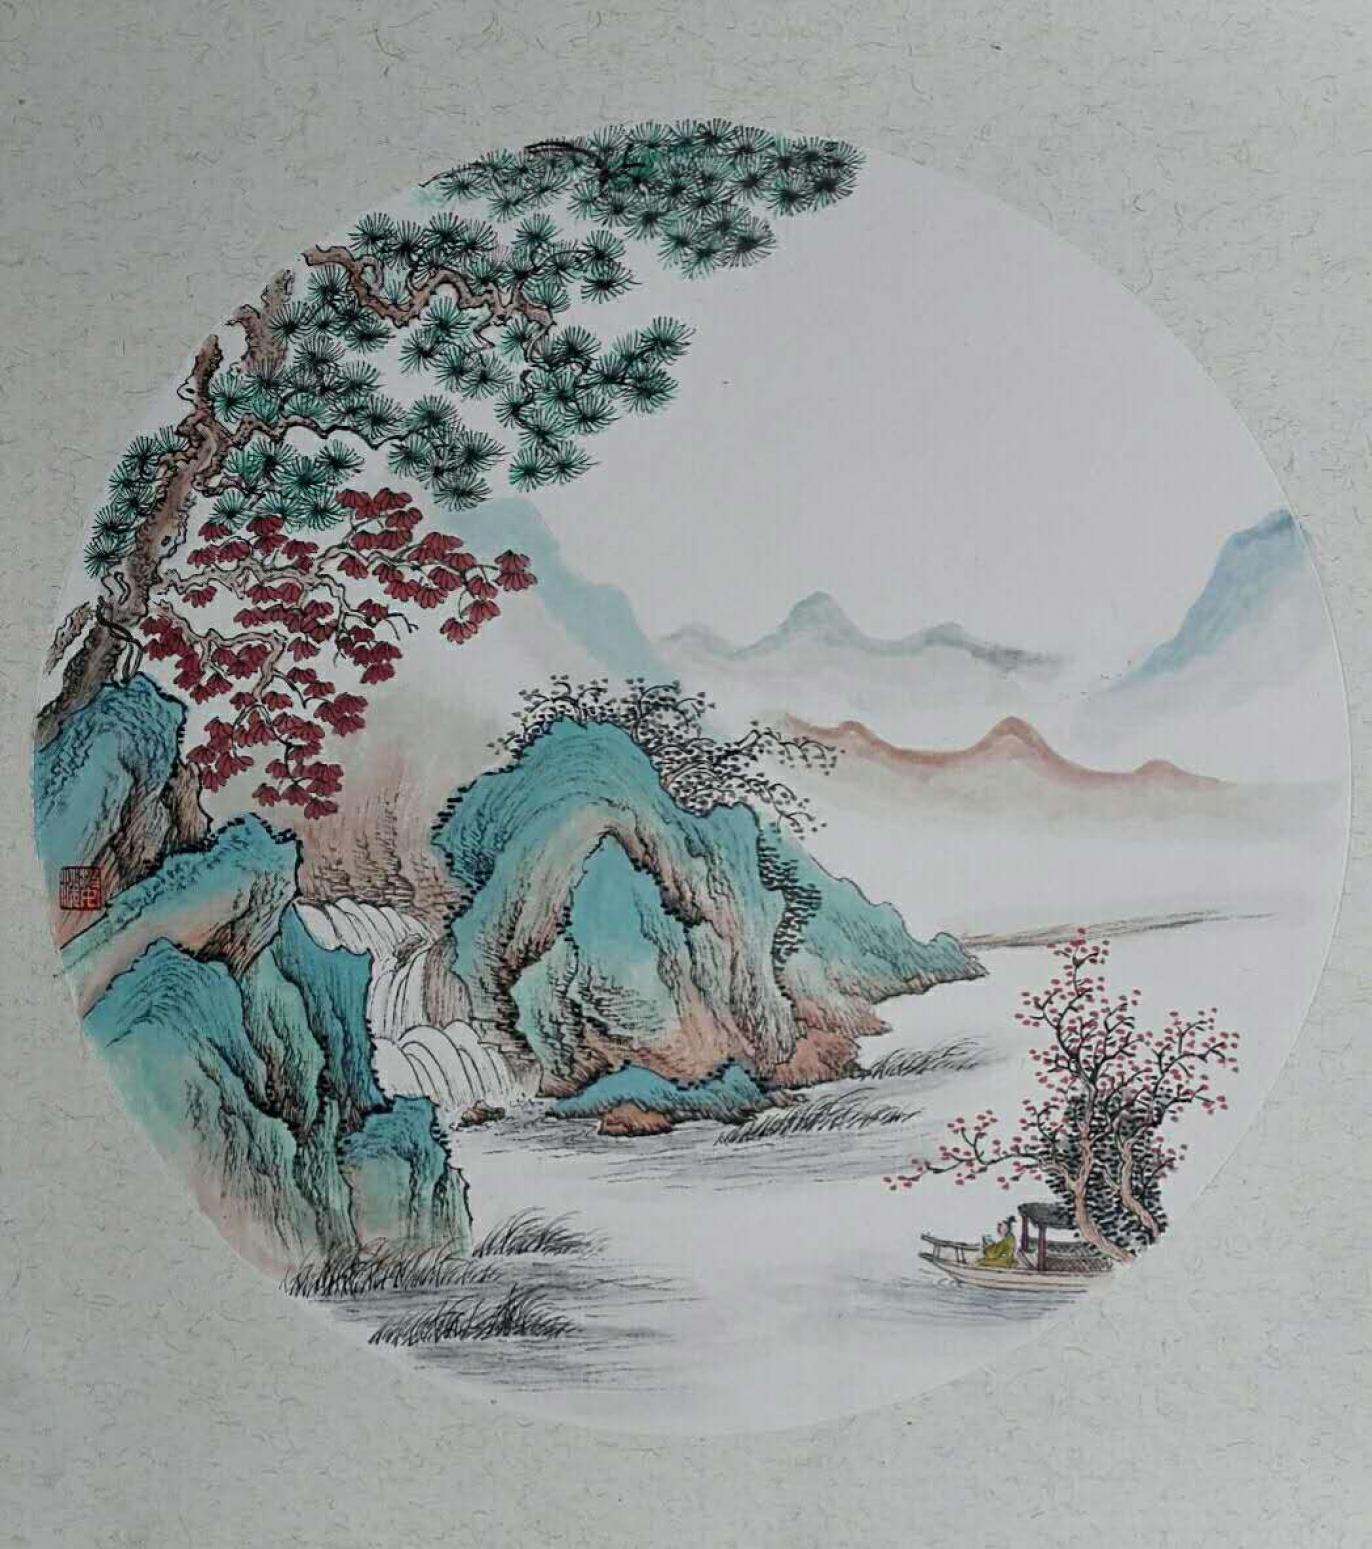 陈奇培国画作品《【圆形软卡】作者陈奇培 临摹》【图0】